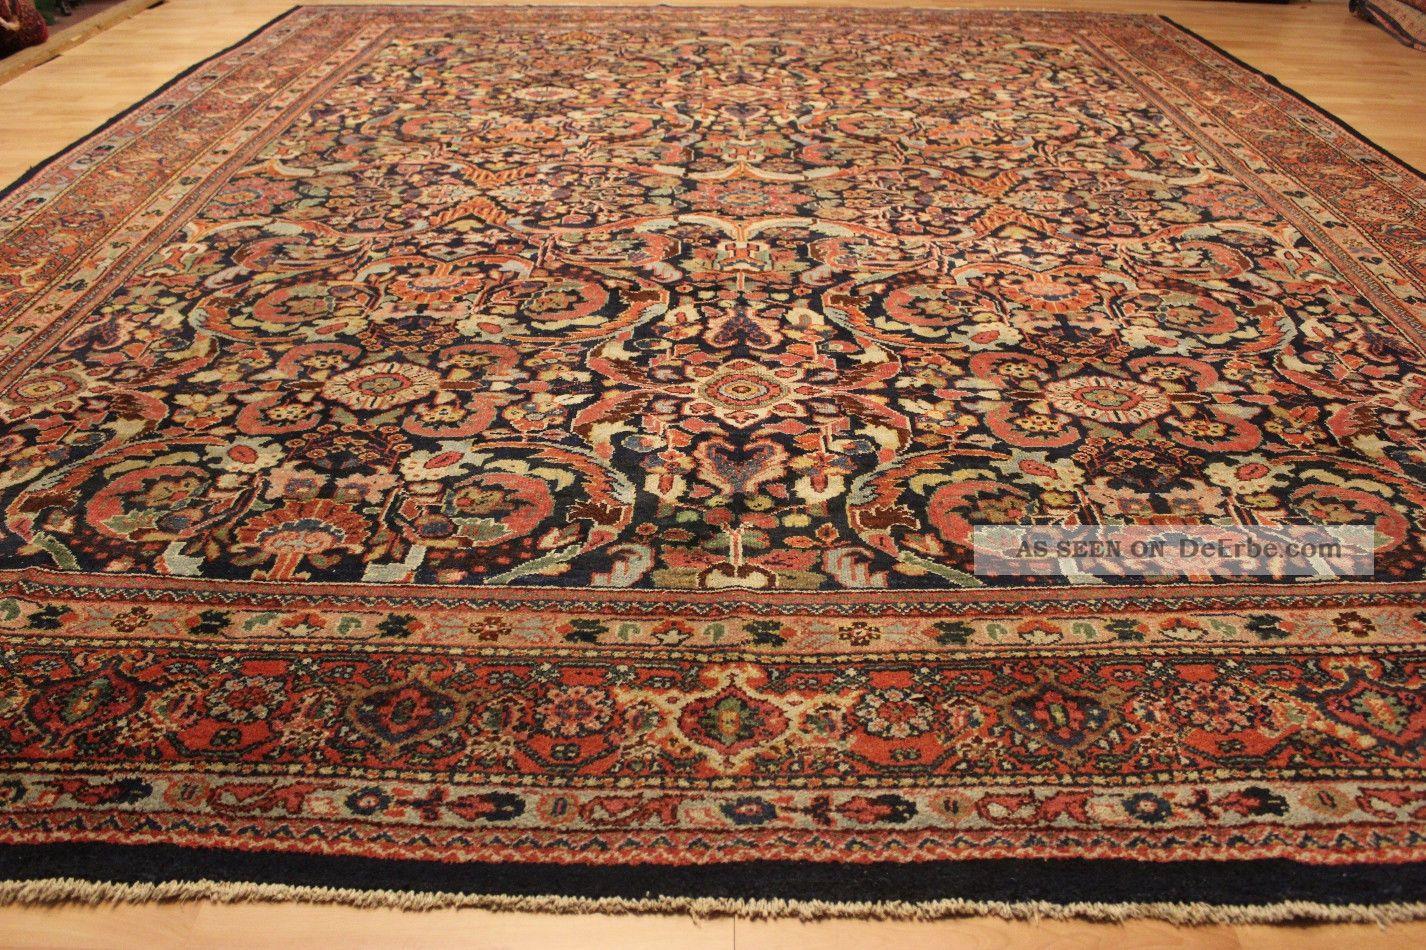 Orient teppich  Teppiche & Flachgewebe - Kaukasische Teppiche - Antiquitäten